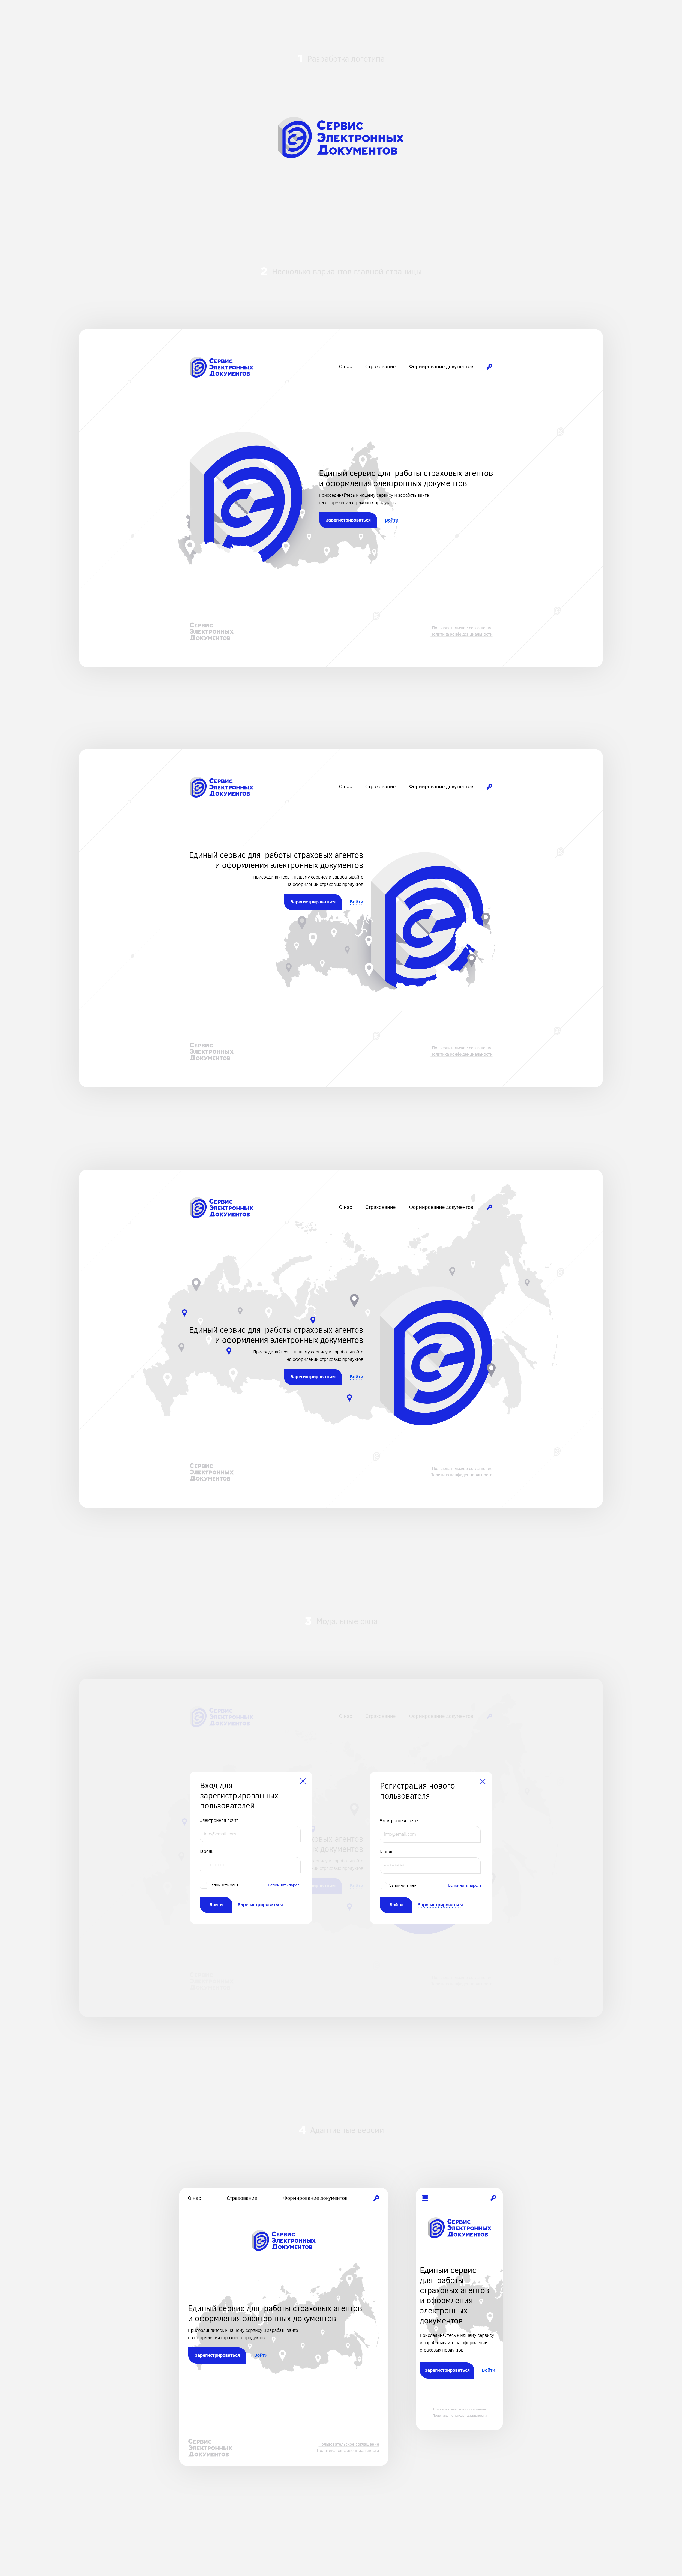 Адиптивыный дизайн и логотип «Сервис электронных документов»